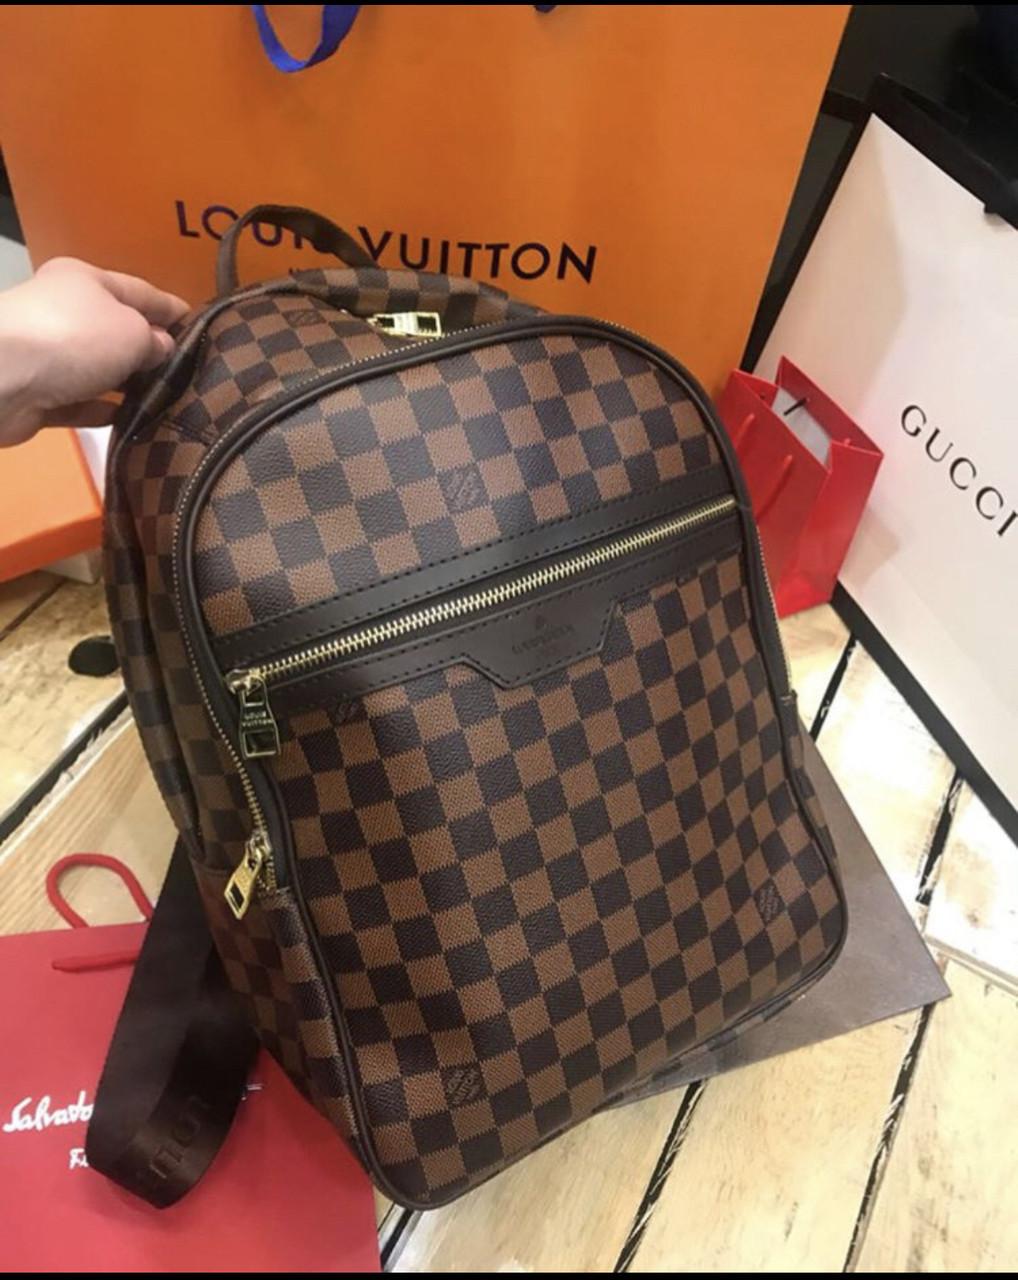 690c78788c9f Рюкзак Louis Vuitton ручная кладь люкс (реплика Луи Витон) Brown - Планета  здоровья интернет